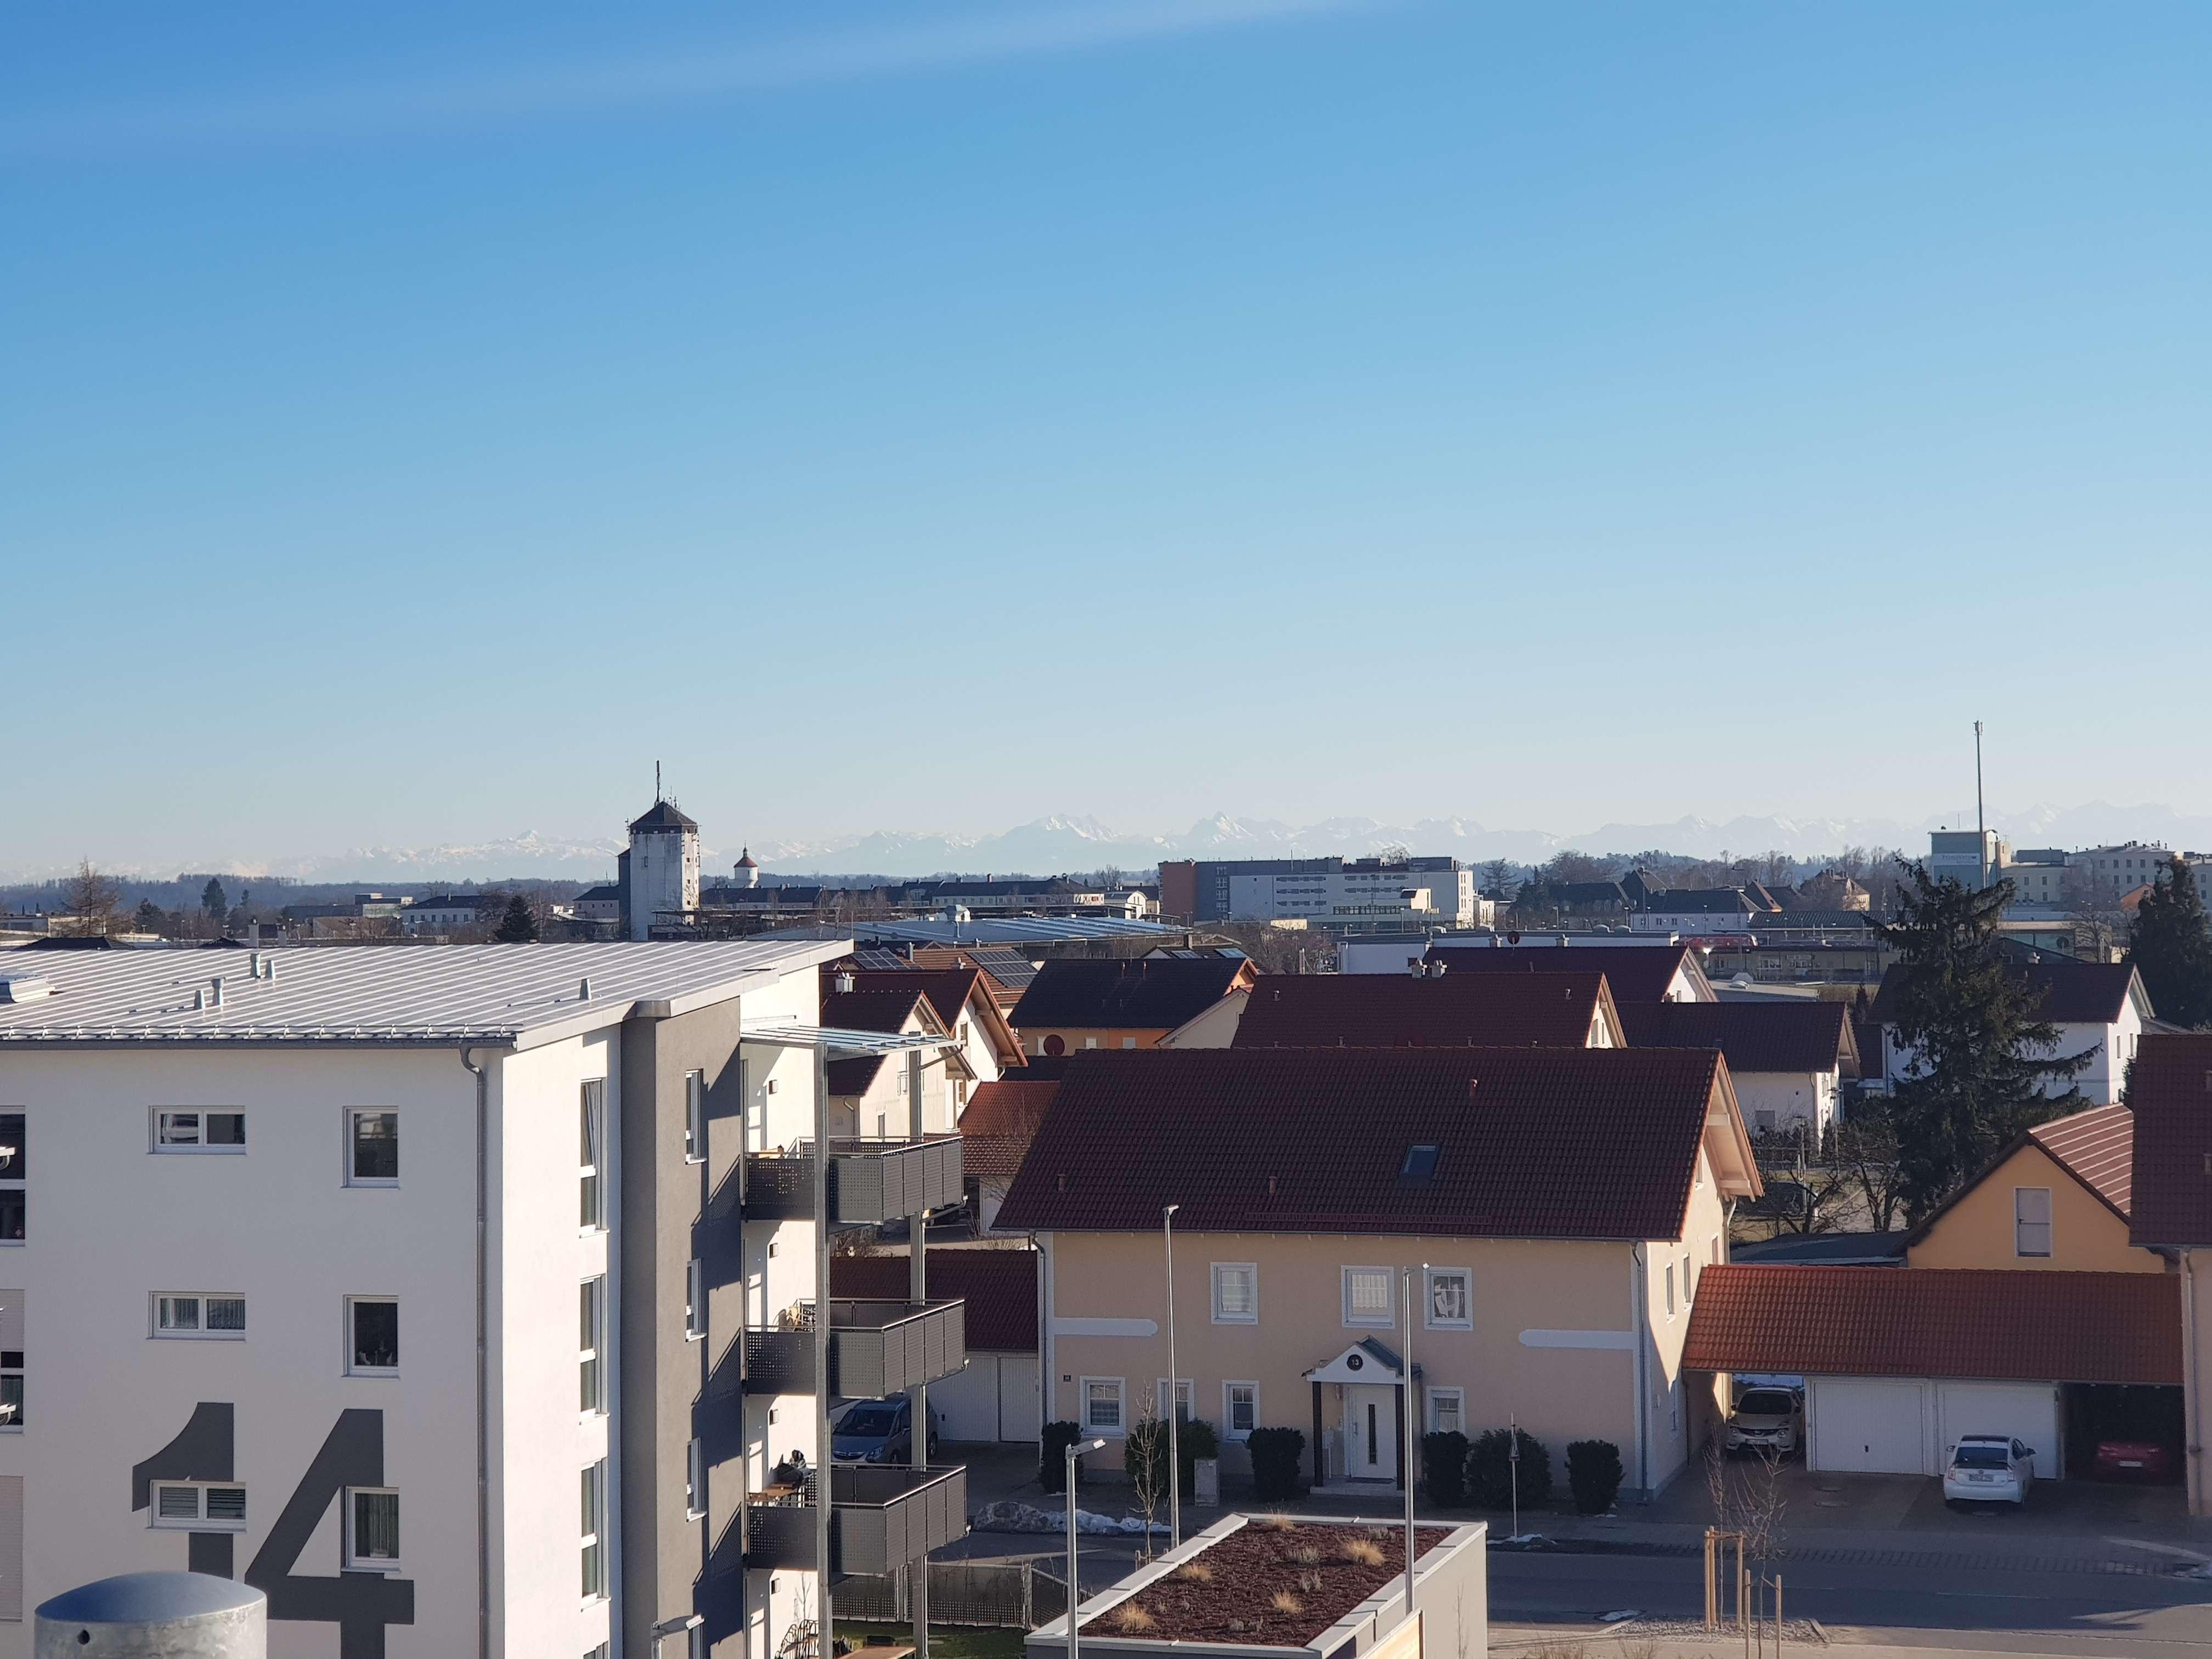 ...Neubau - 3-Zi.-Dachgeschoss-Wohnung mit EBK und Dachterrasse... in Mühldorf am Inn